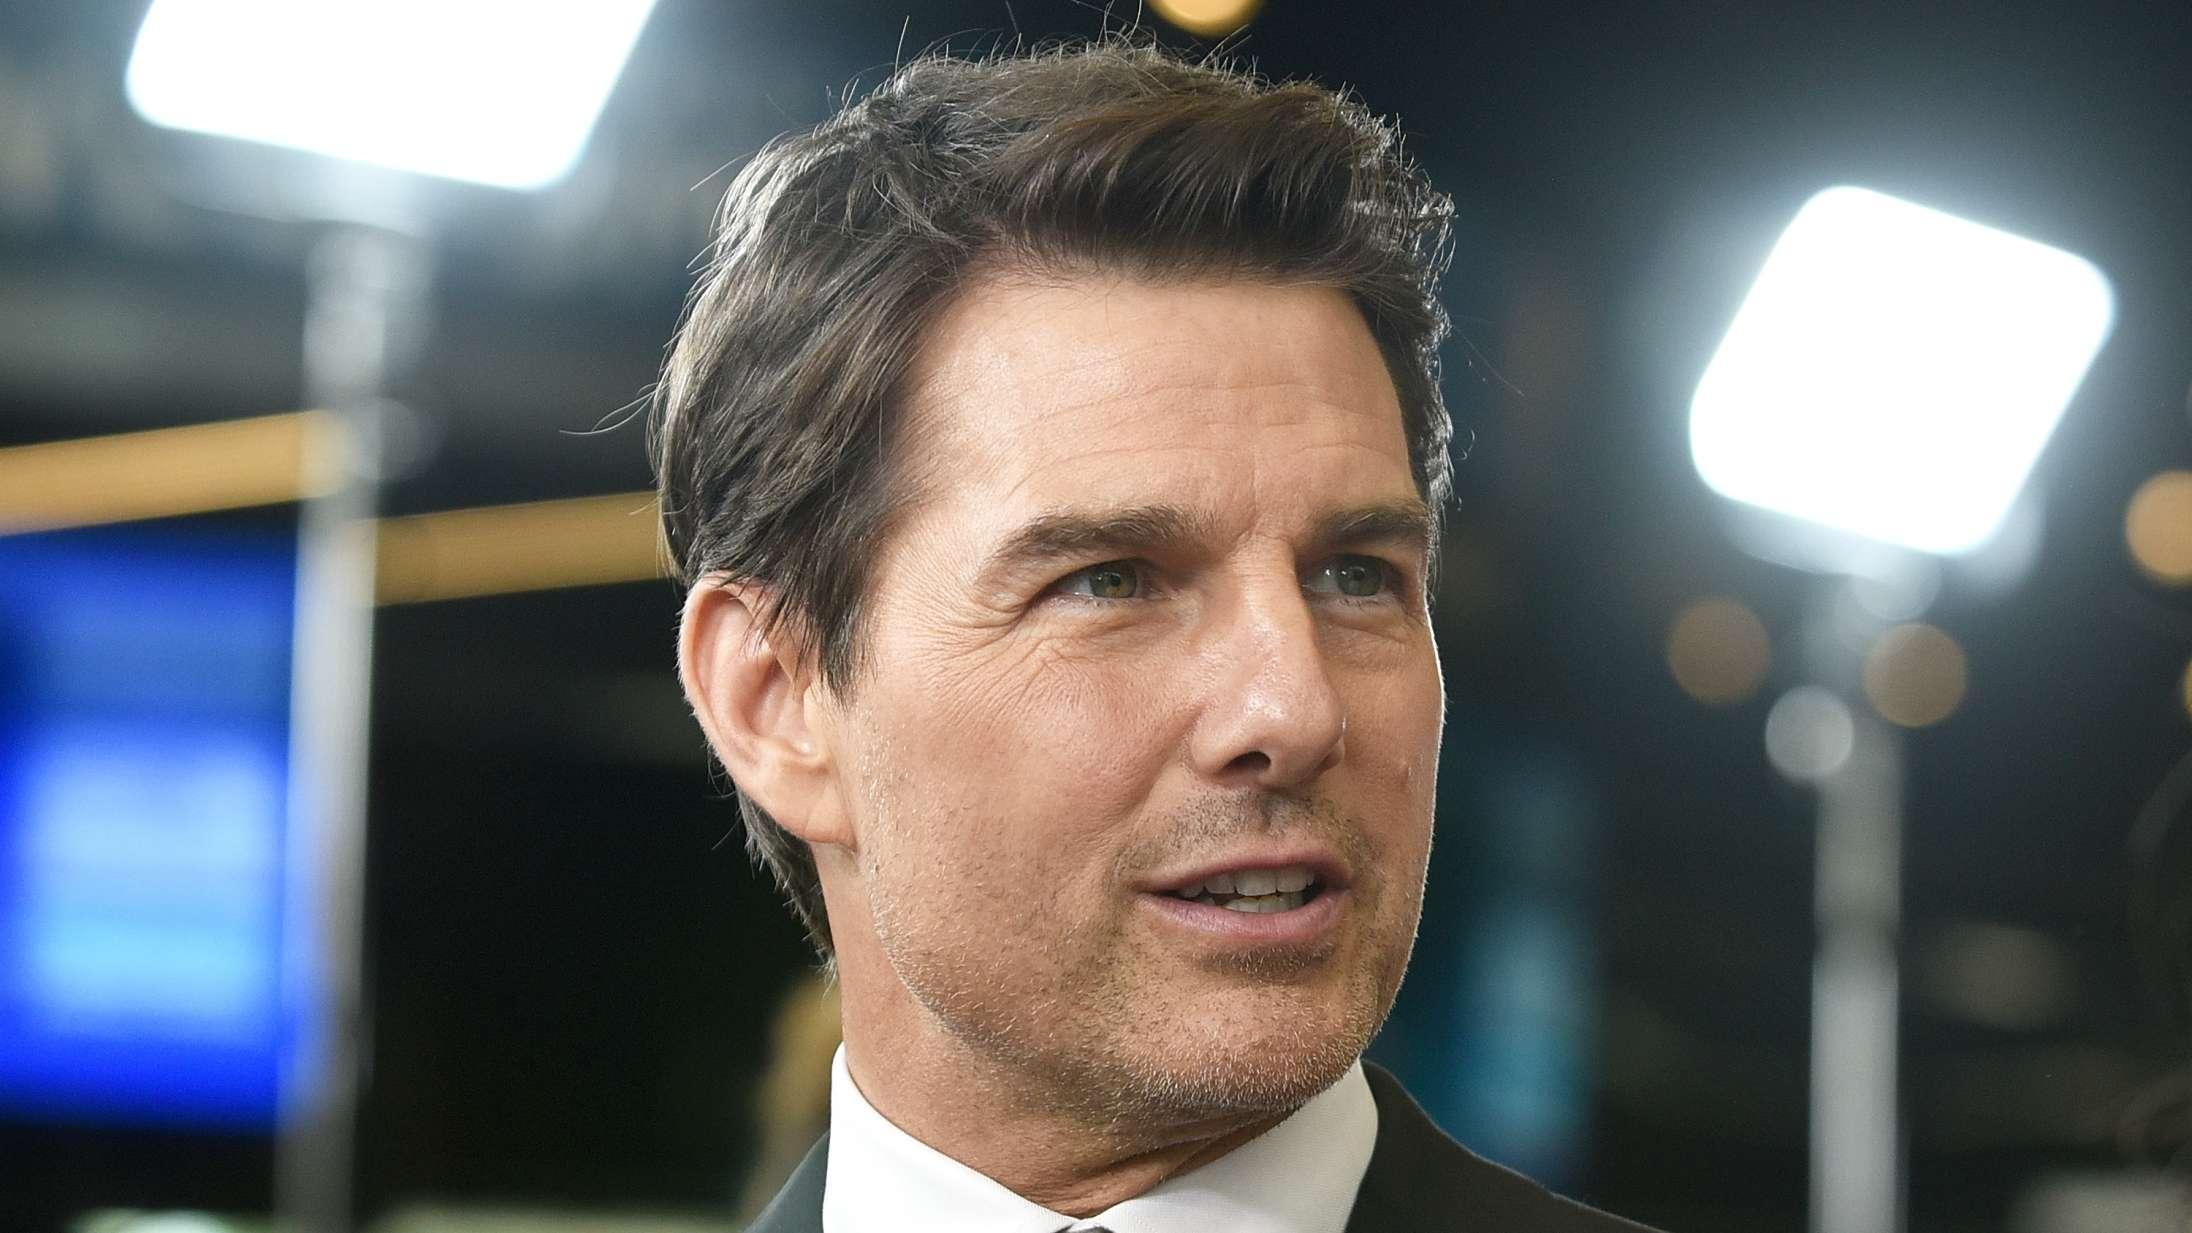 Den nye og gamle Tom Cruise mødes i hans episke vredesudbrud